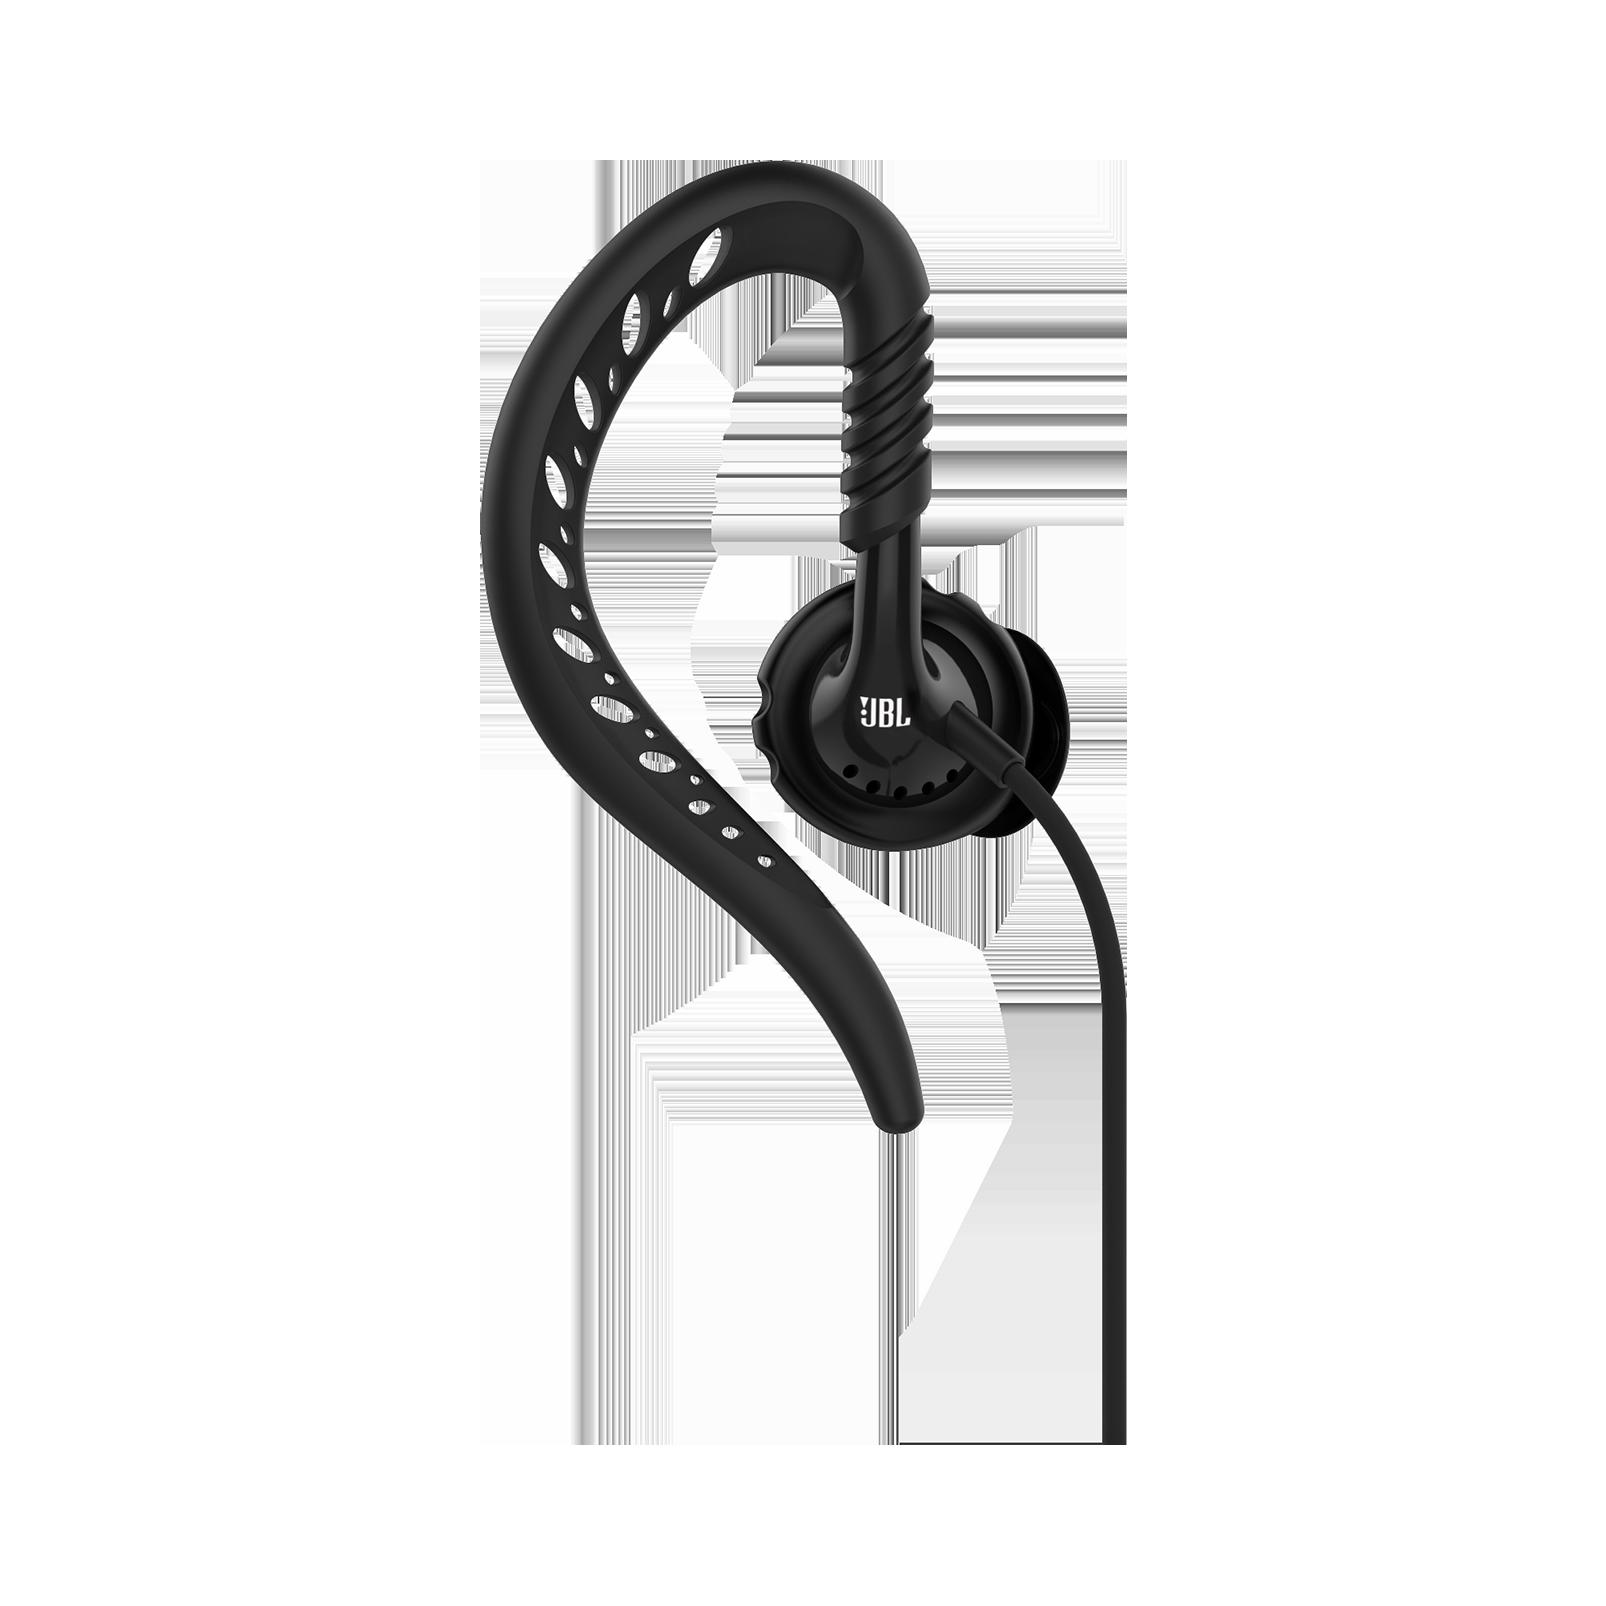 Jbl wireless headphones retractable - jbl headphones wireless focus 500